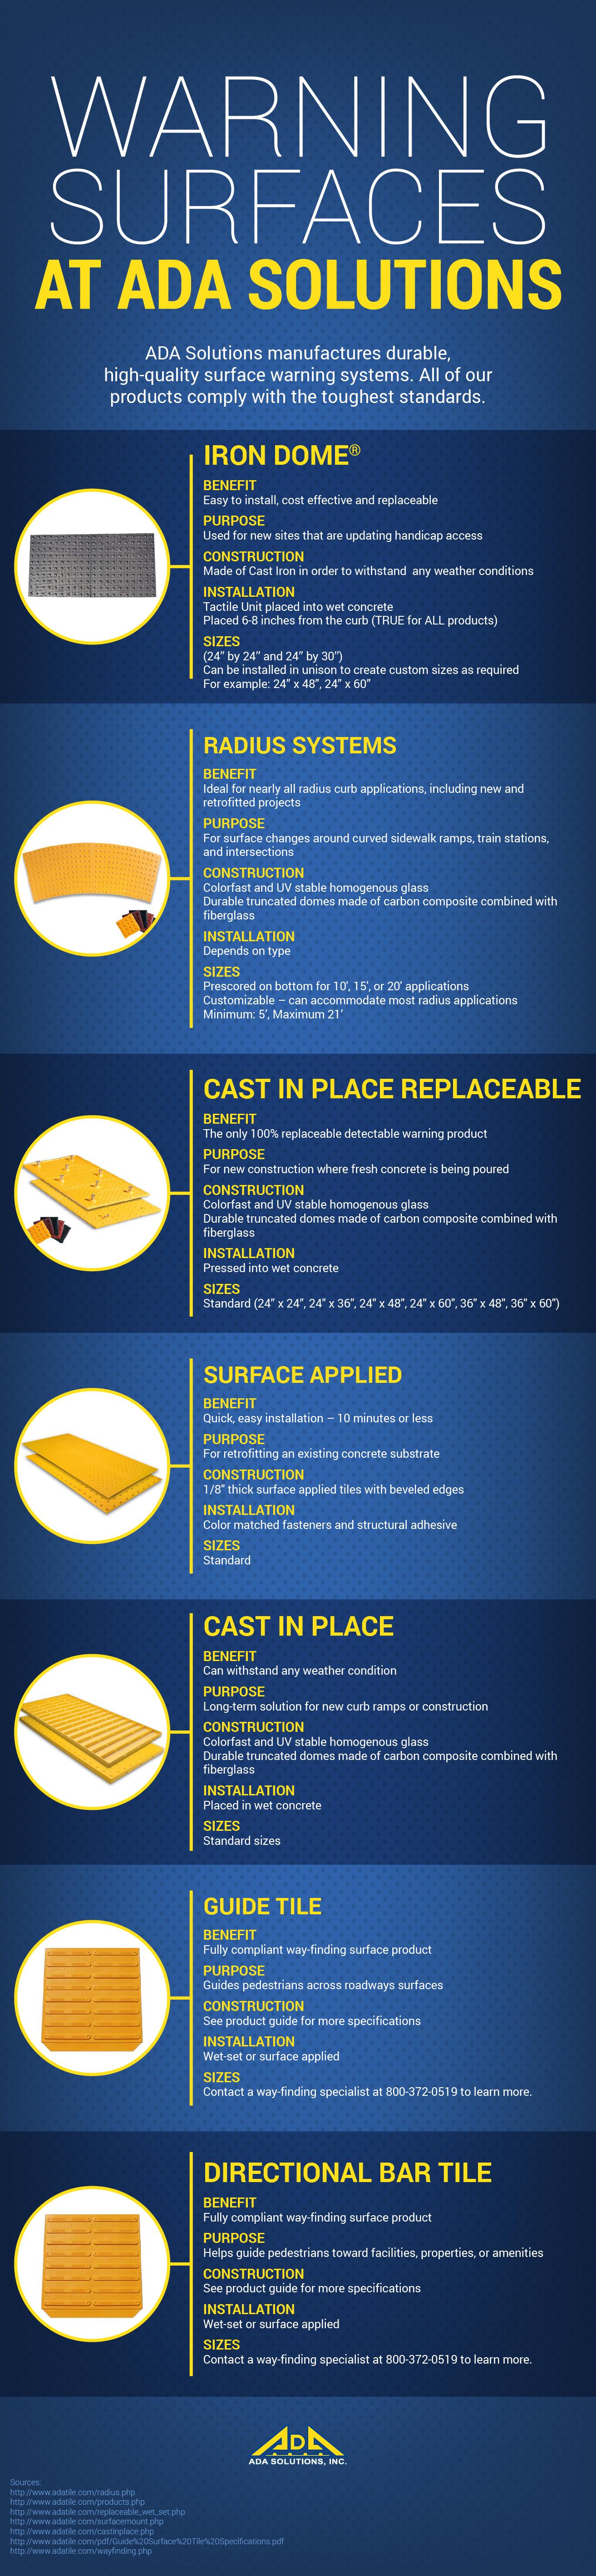 Warning Surfaces at ADA Solutions